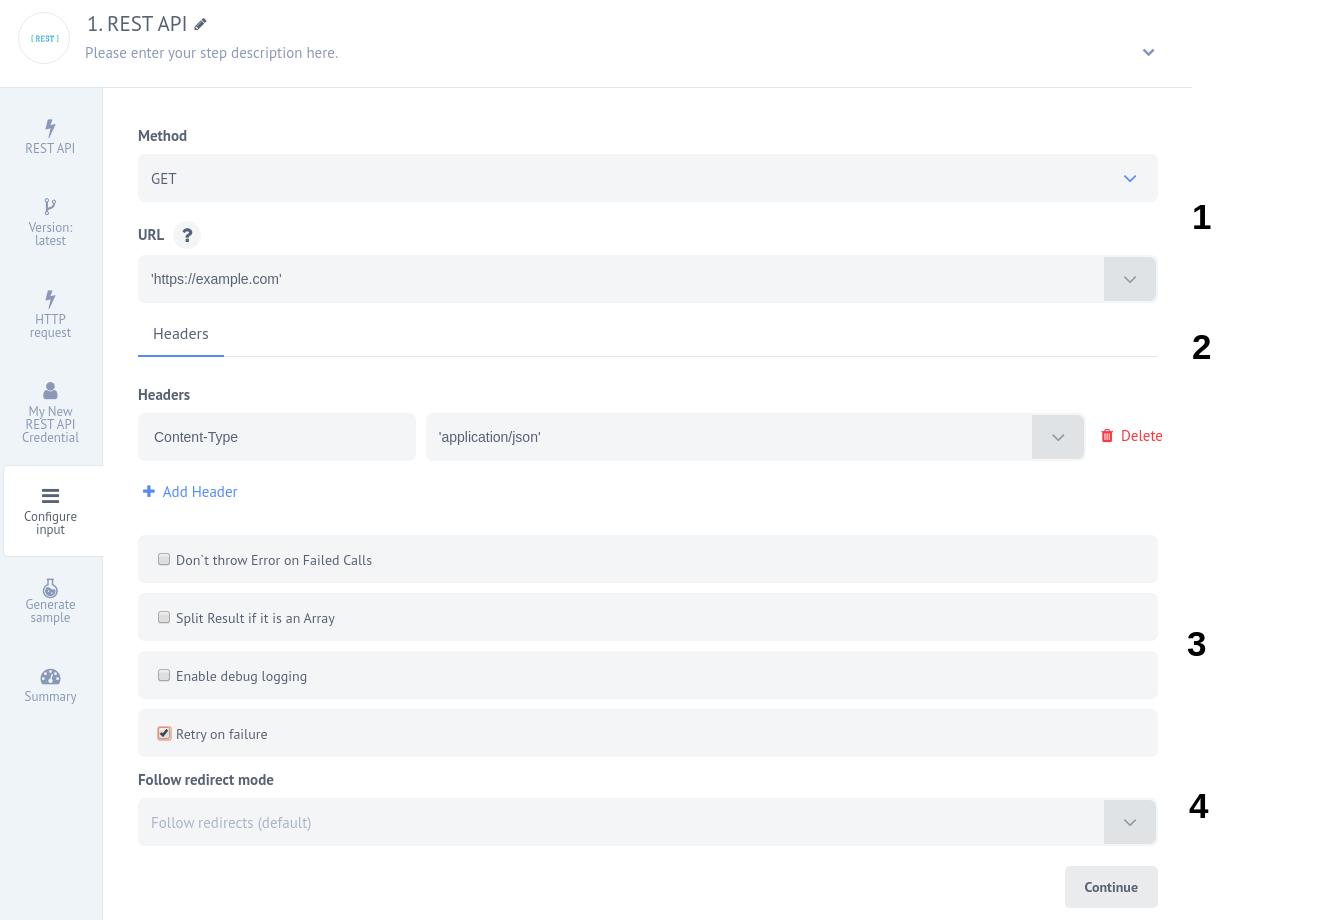 Configure Input - Rest API